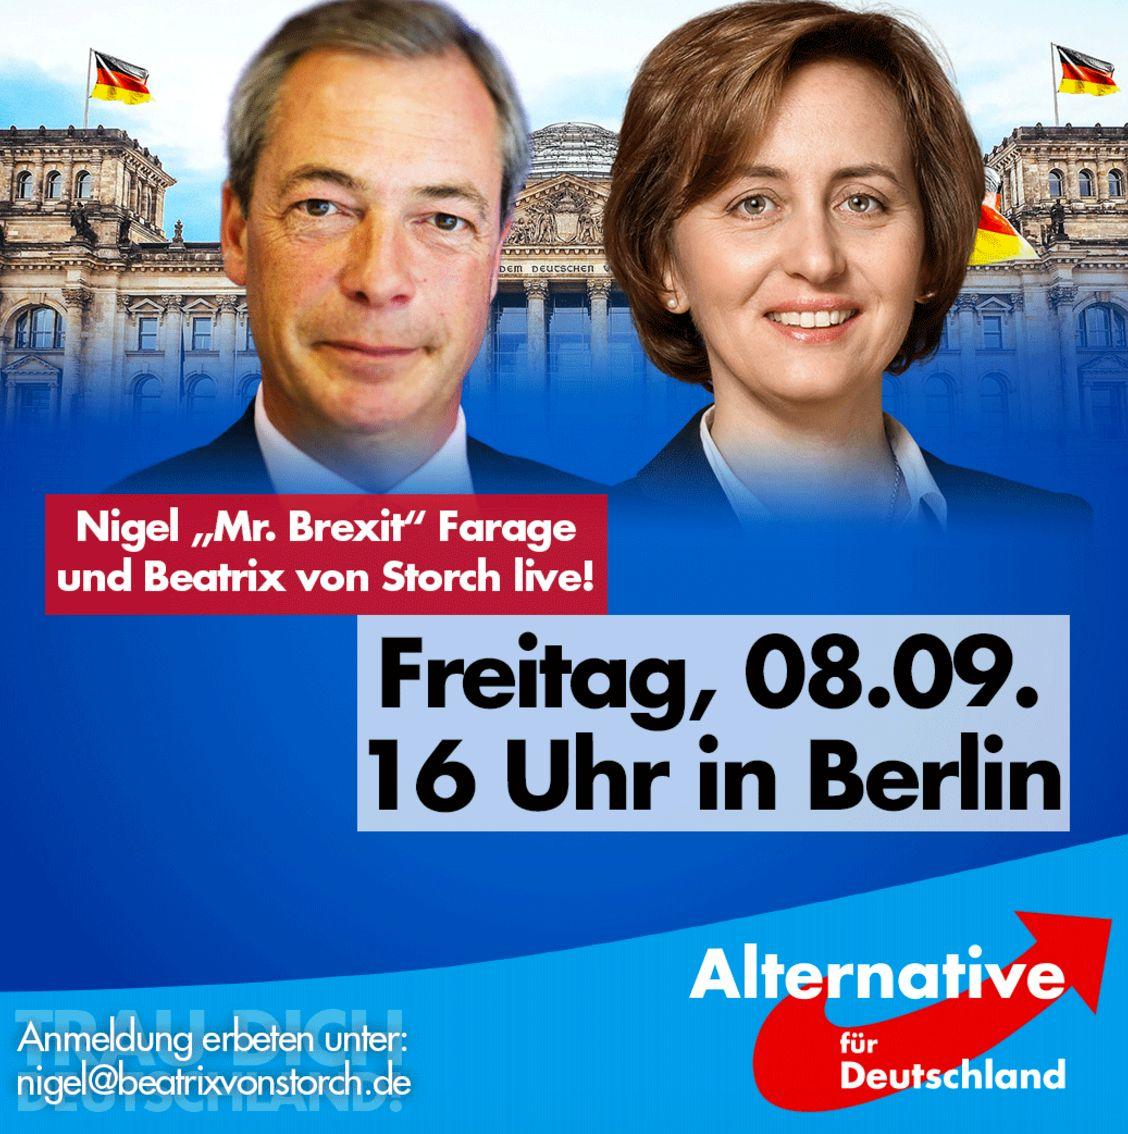 Beatrix von Storch announcing Nigel Farages attendance theAlternative für Deutschland rally...